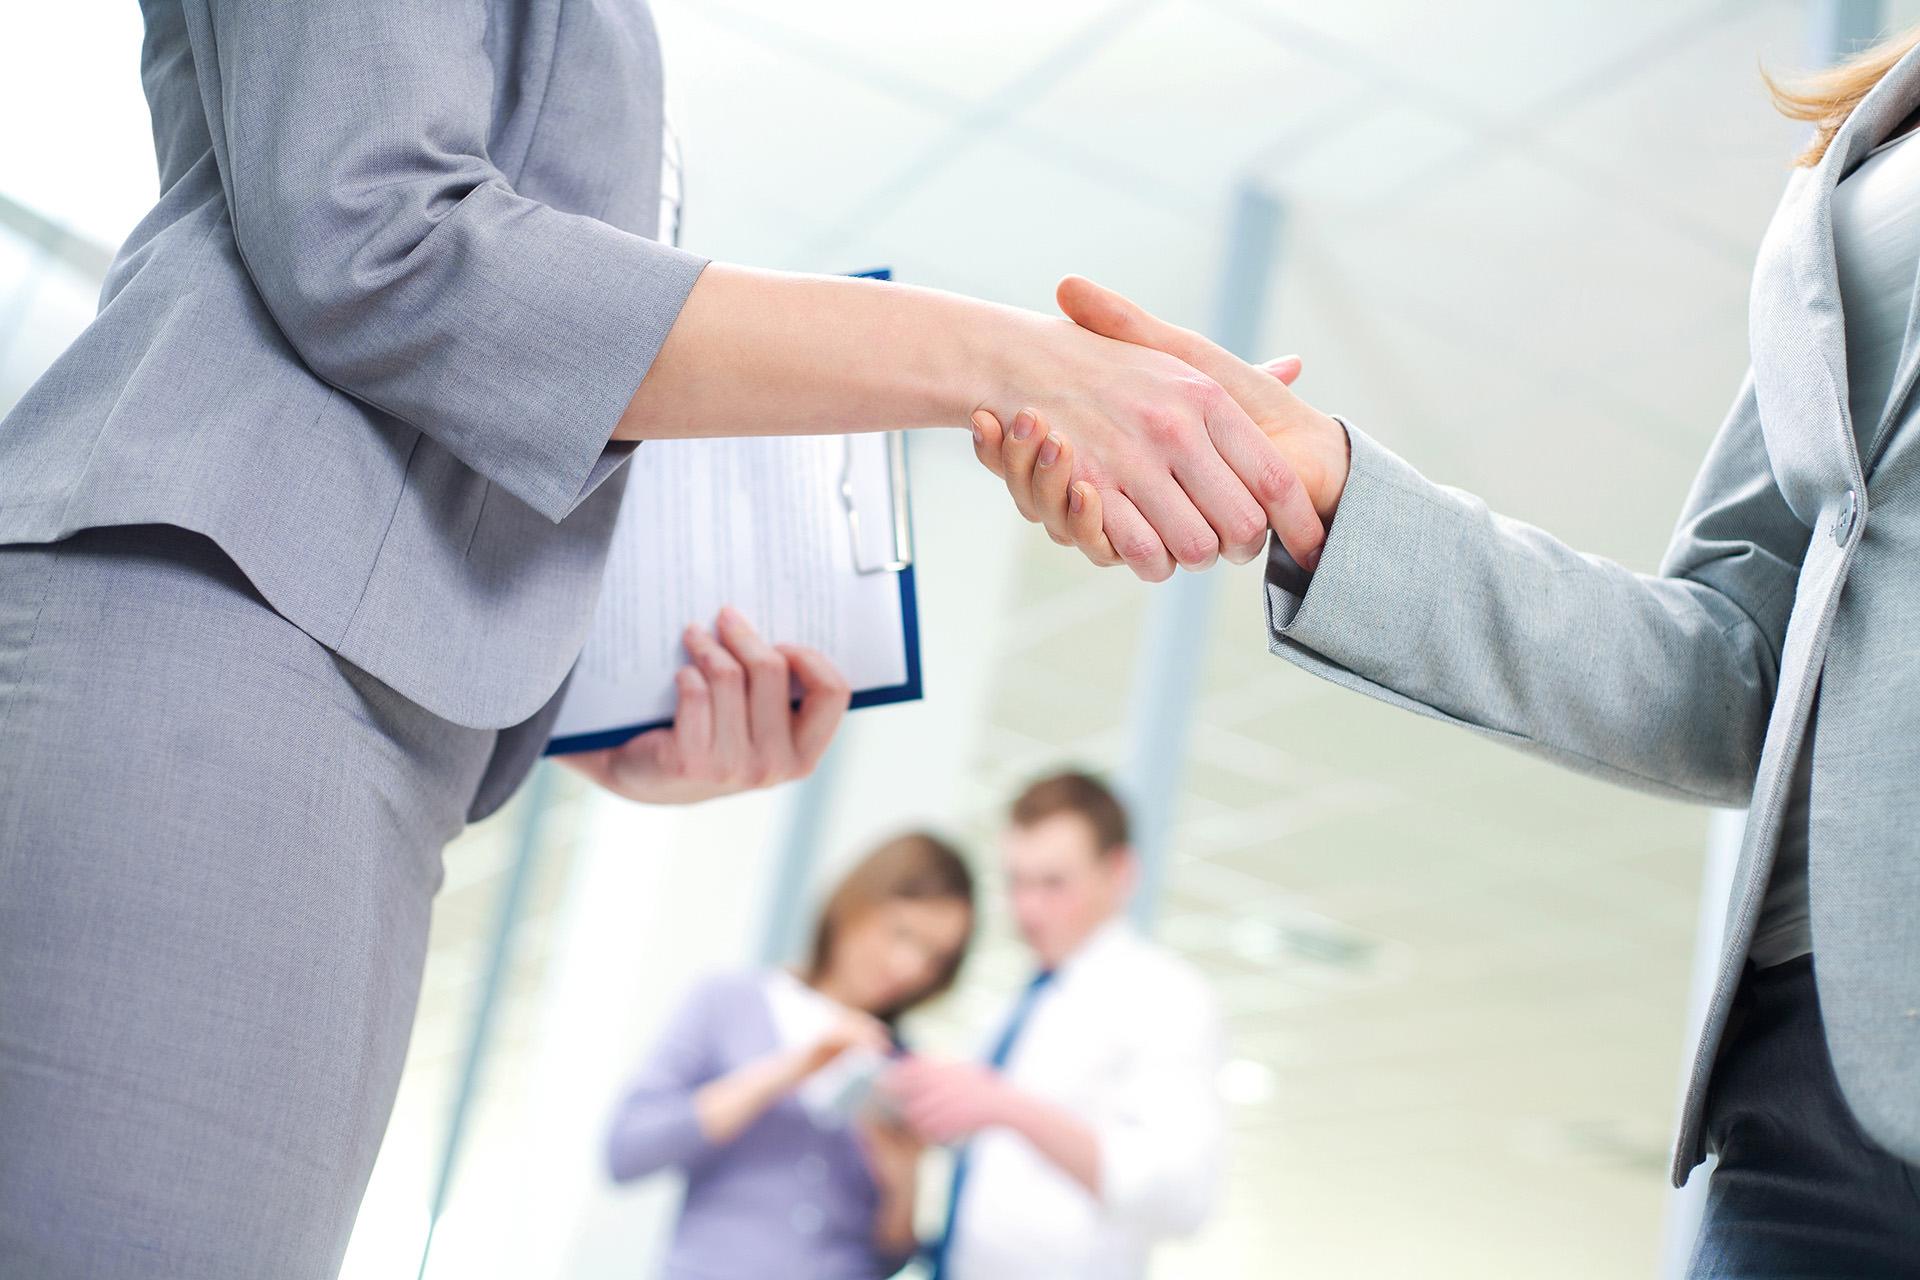 Employee doing an agreement